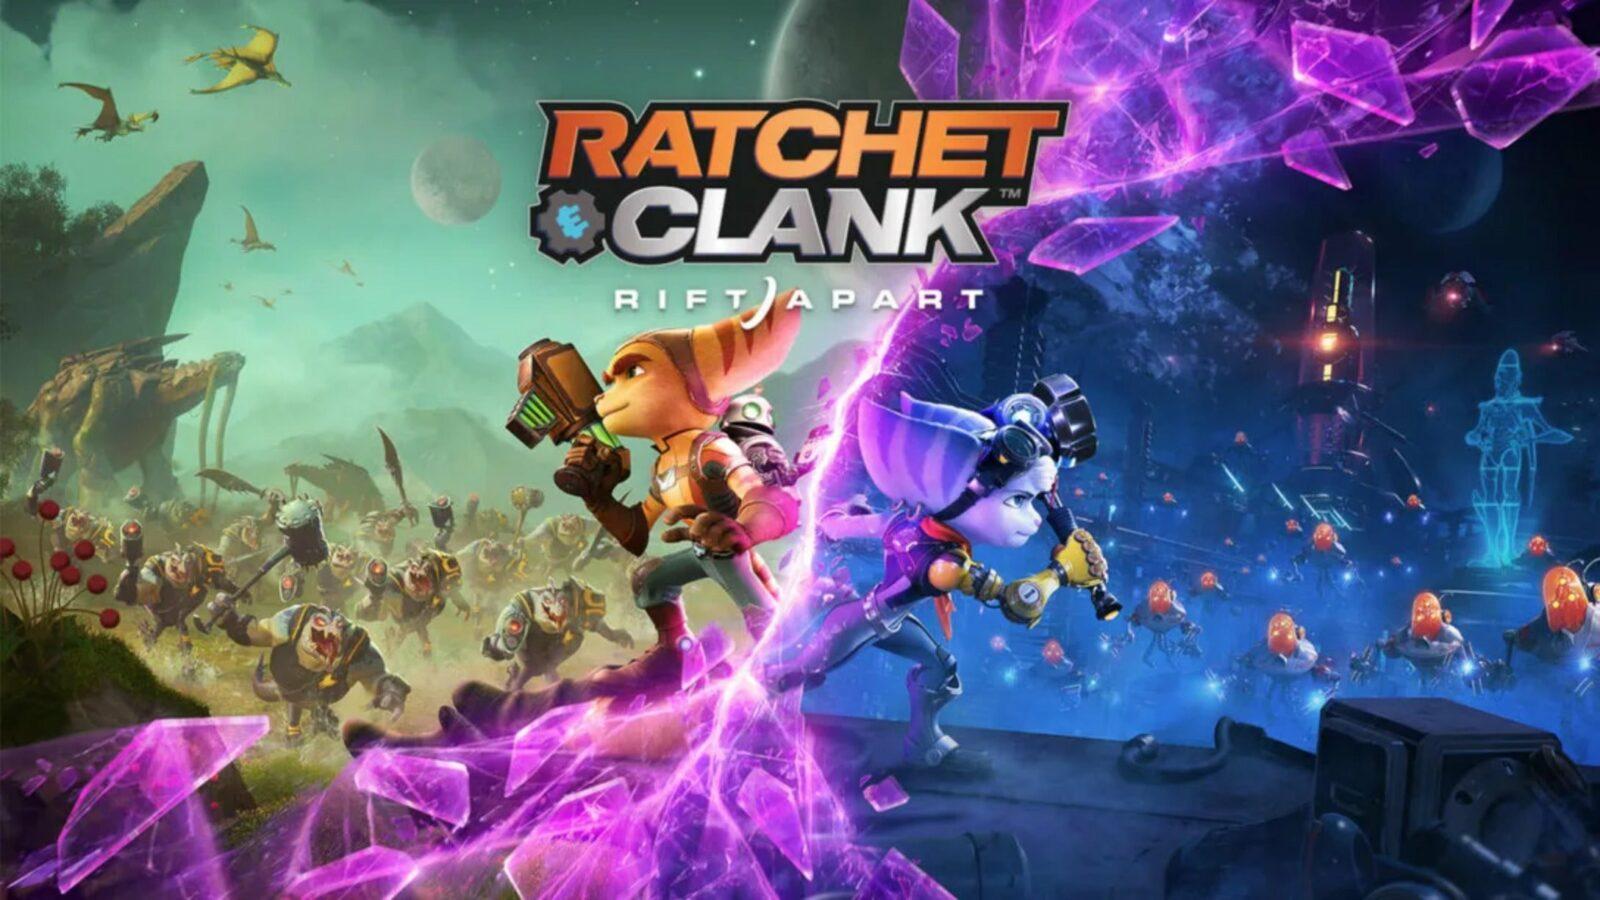 2021-games-best-so-far-summer-ratchet-clank-rift-apart-key-art-box-art